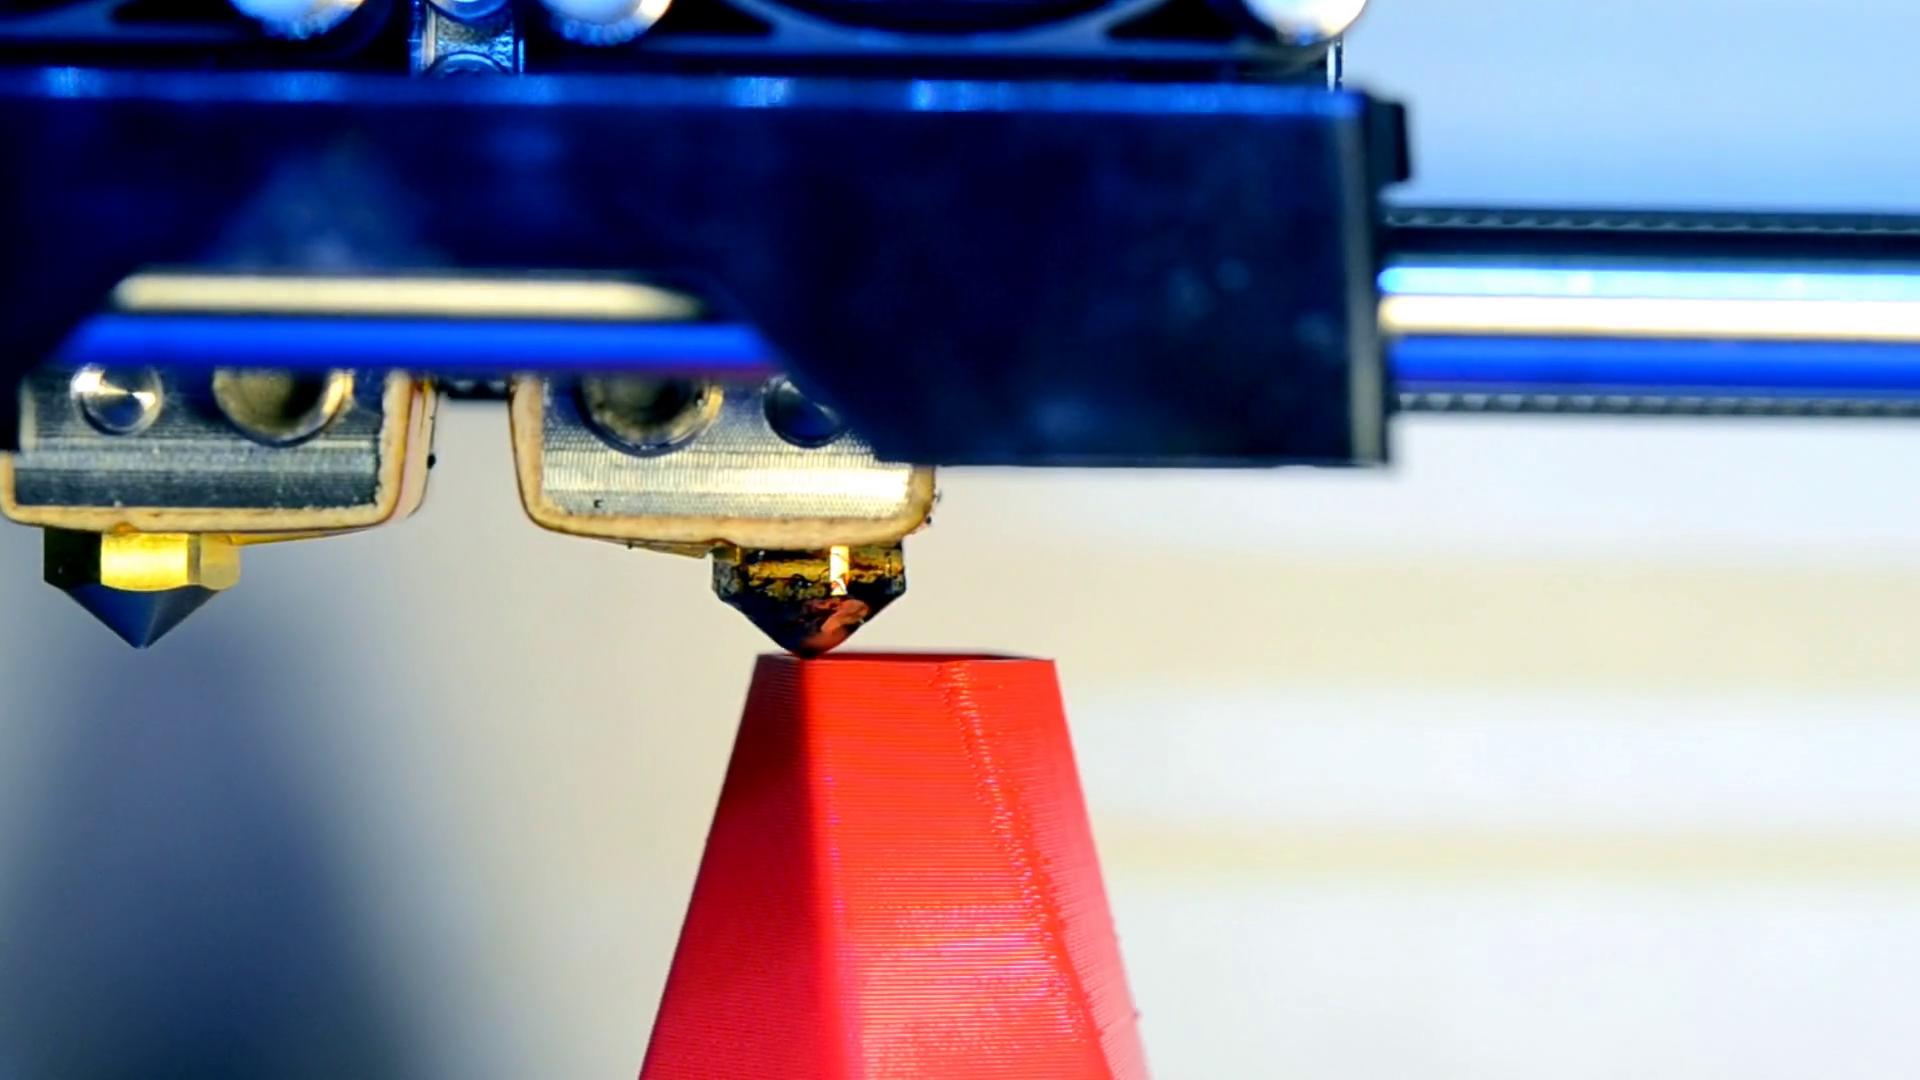 تعمیرات تخصصی پرینتر سه بعدی